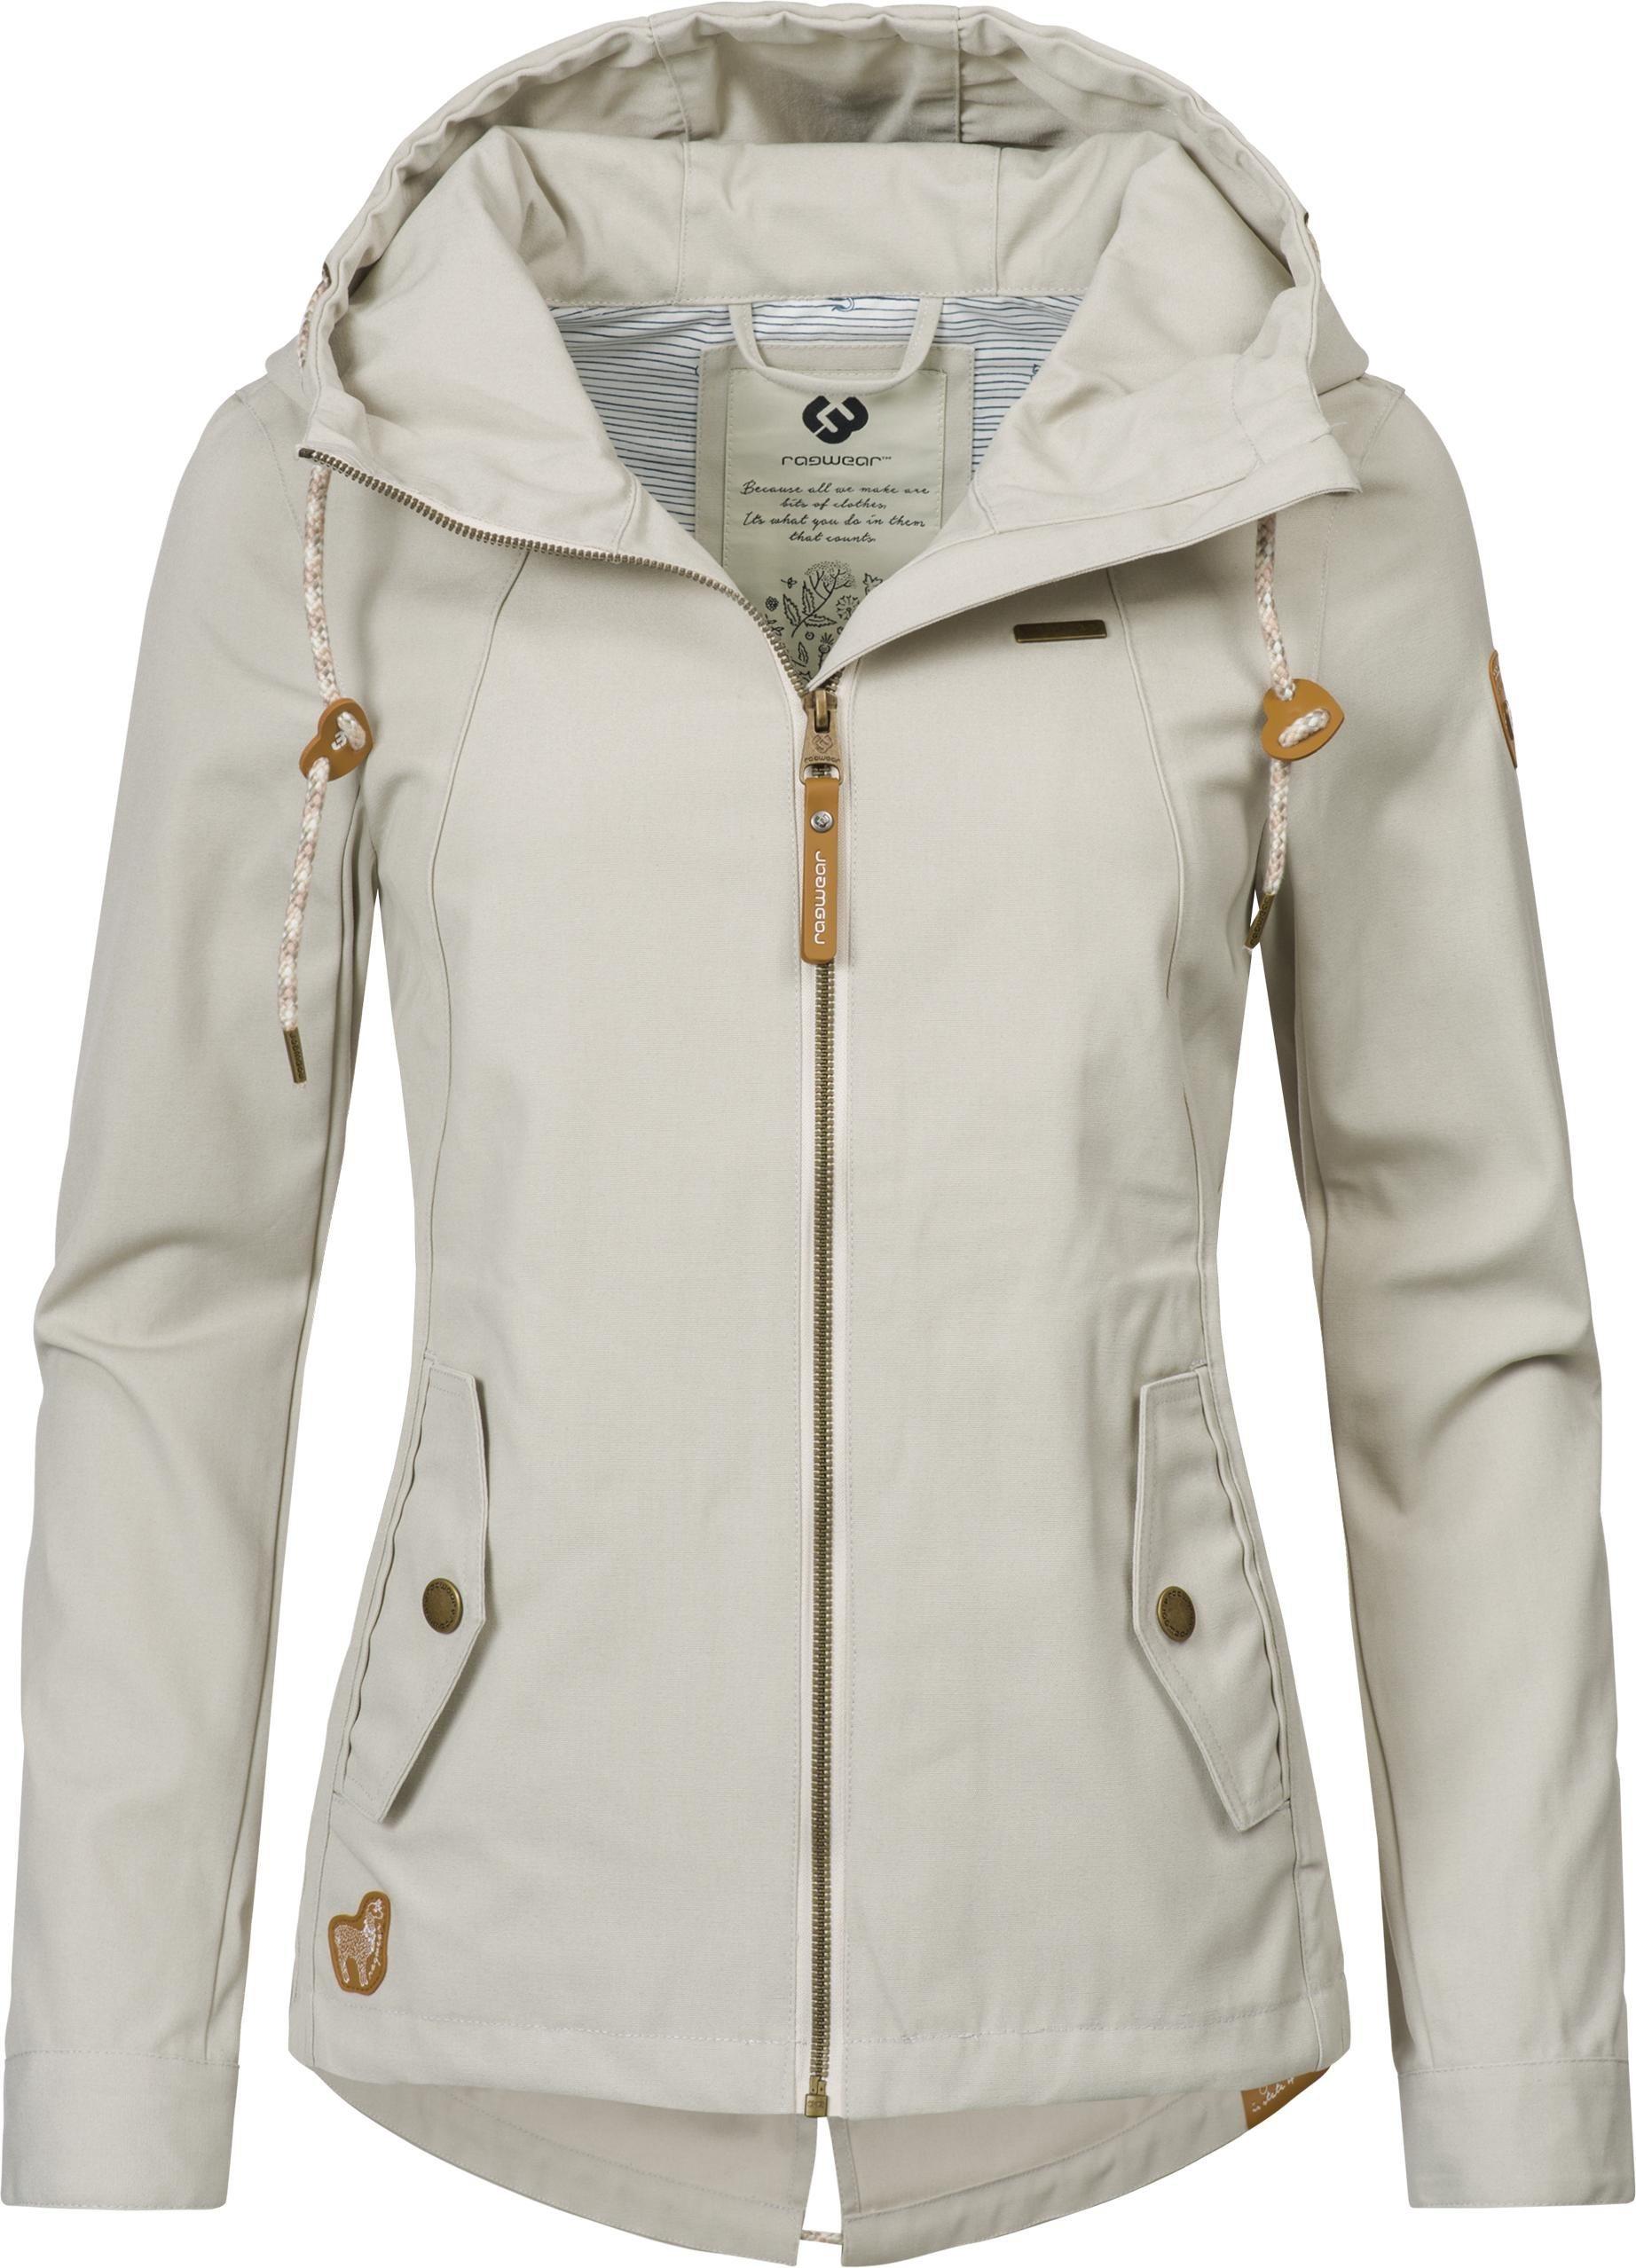 Damen Ragwear Outdoorjacke Monade Übergang stylische Übergangsjacke in leicht melierter Optik grau   04251436272615